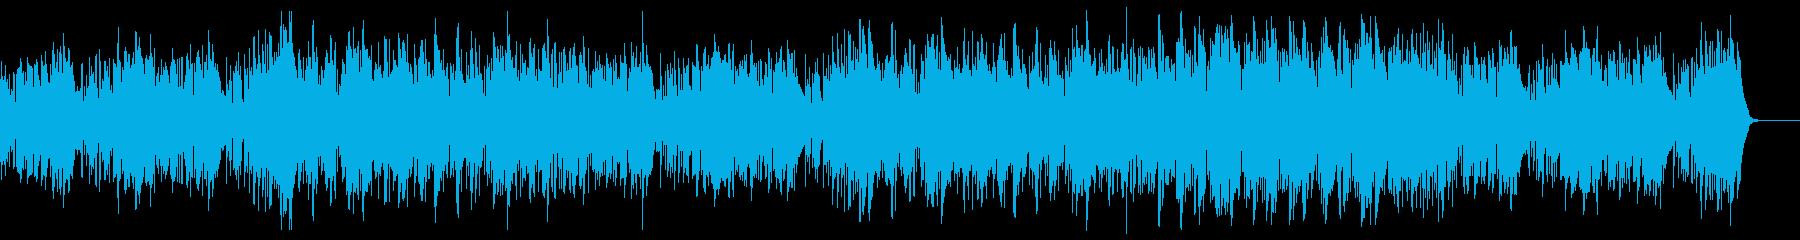 コミカルで怪しい夏の海、ジャズの再生済みの波形